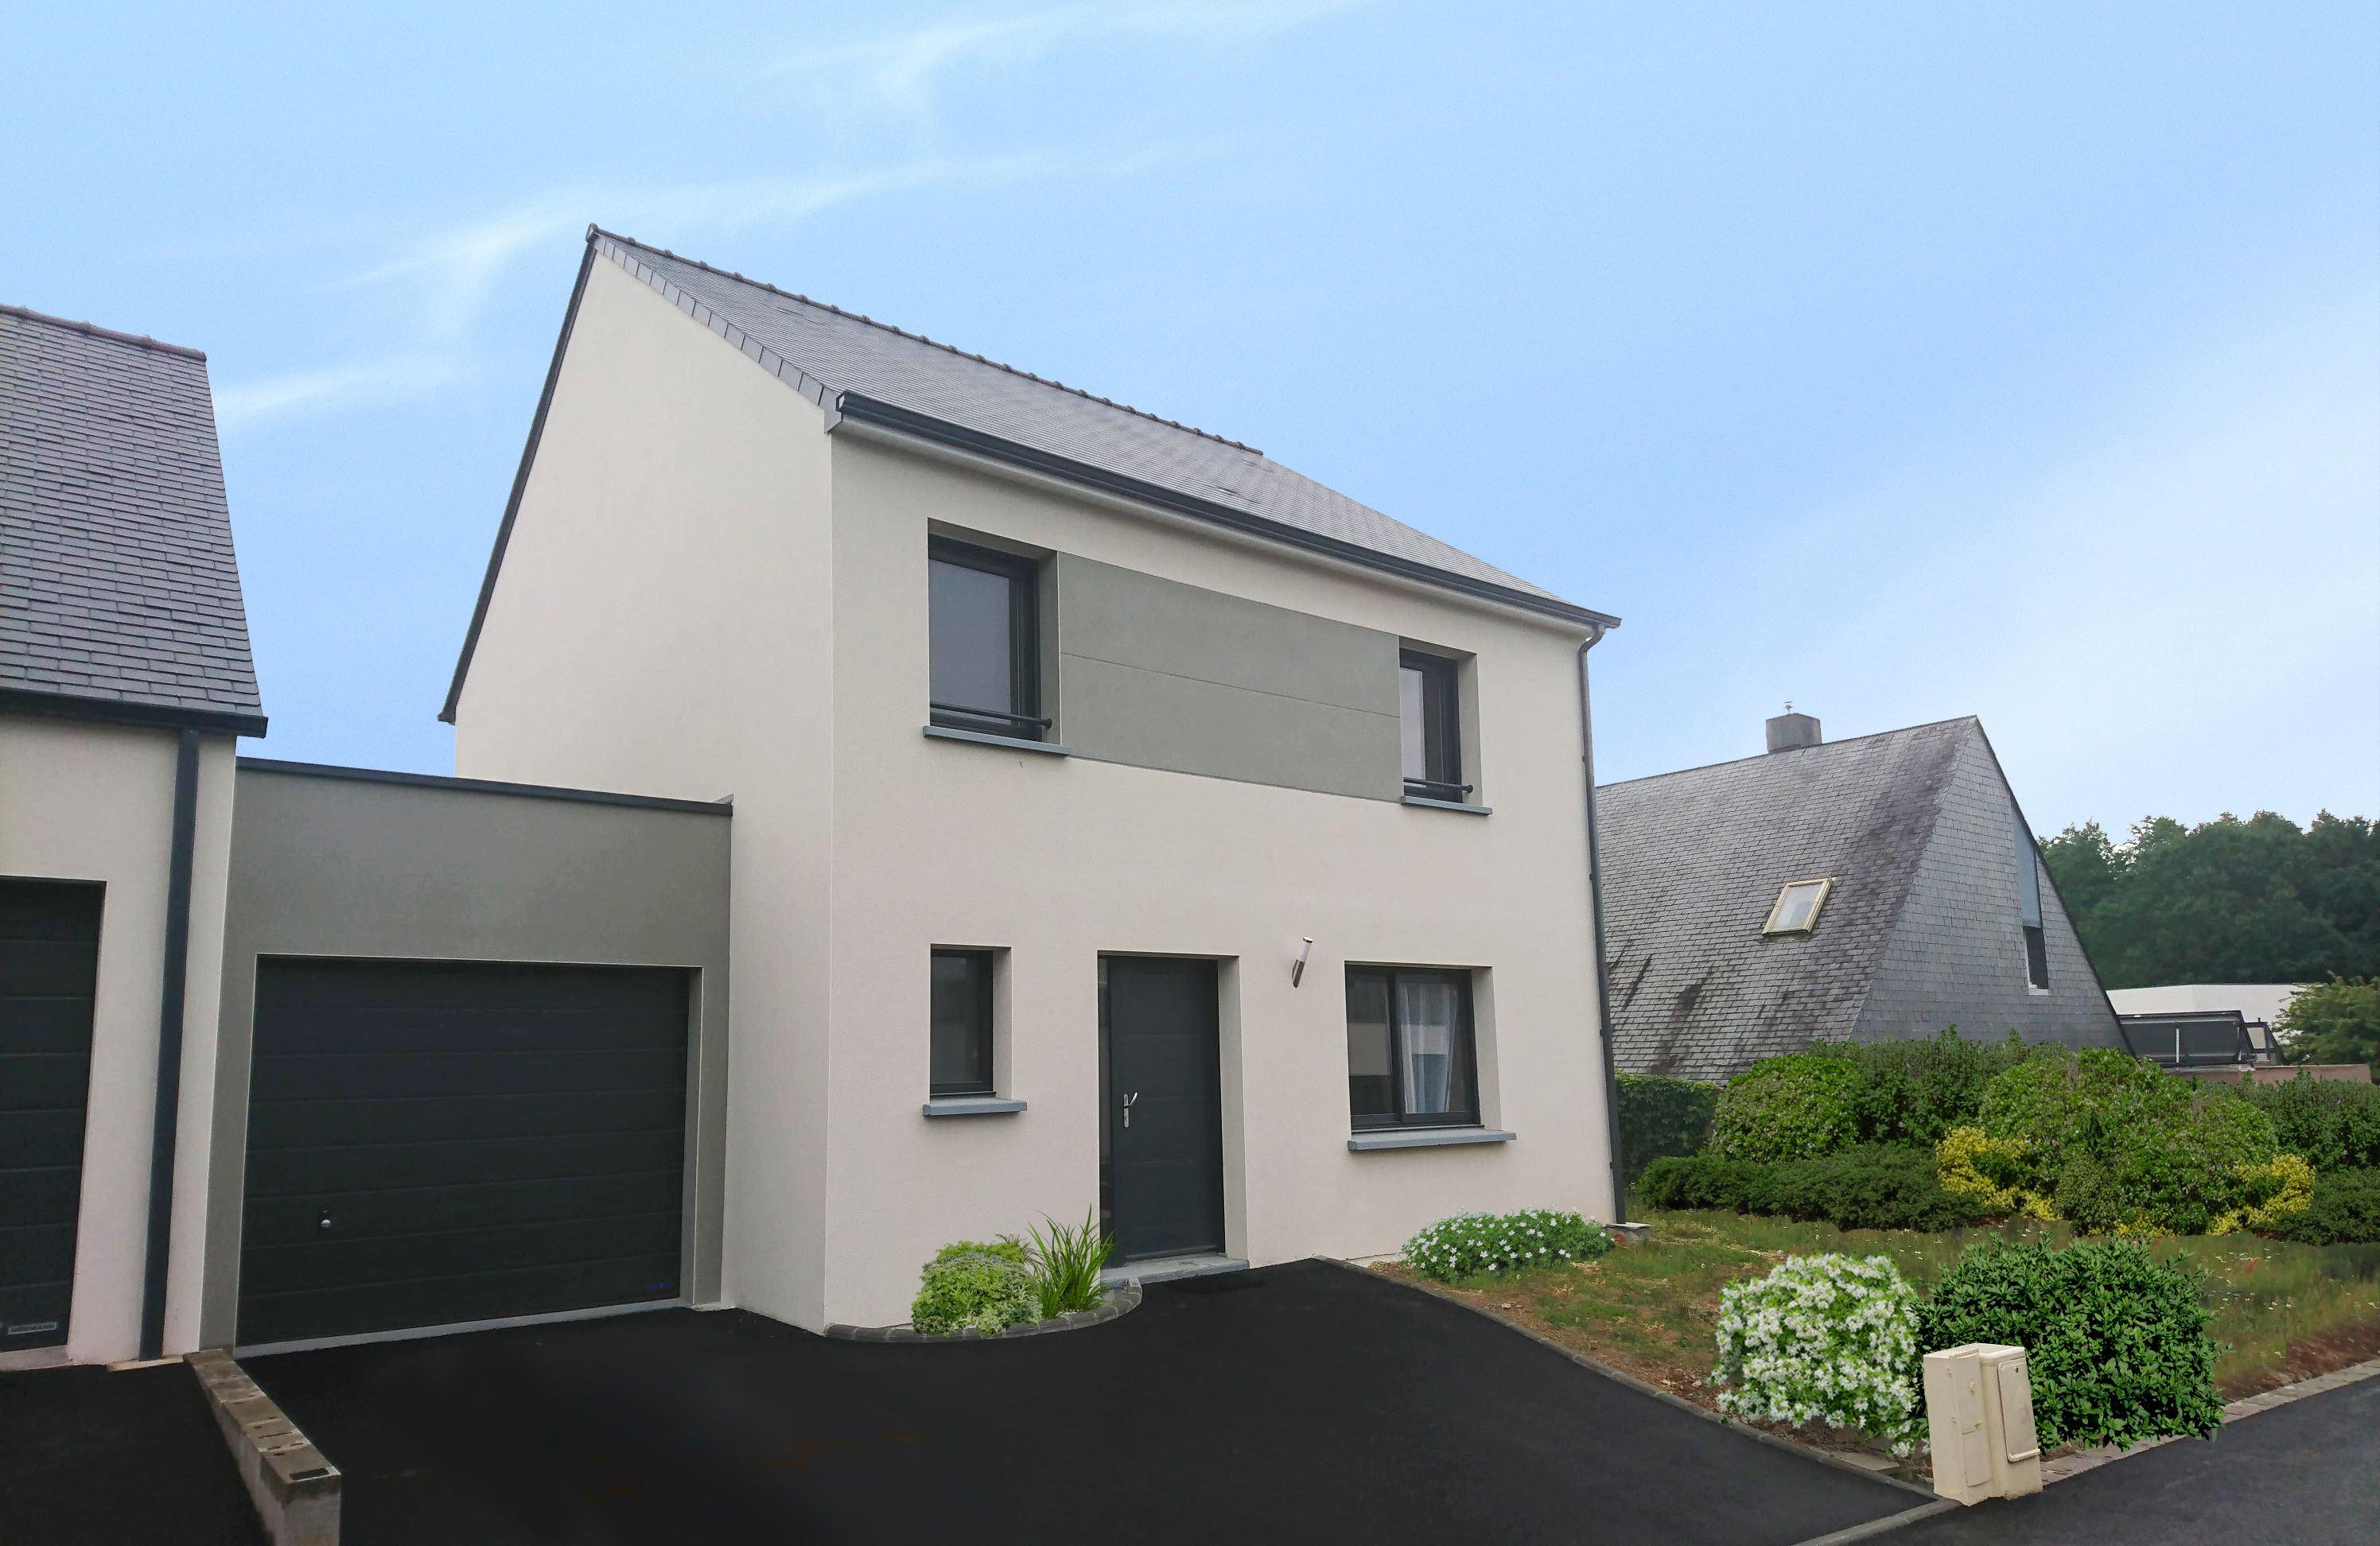 Maisons + Terrains du constructeur MAISON FAMILIALE RENNES • 130 m² • SAINT THURIAL